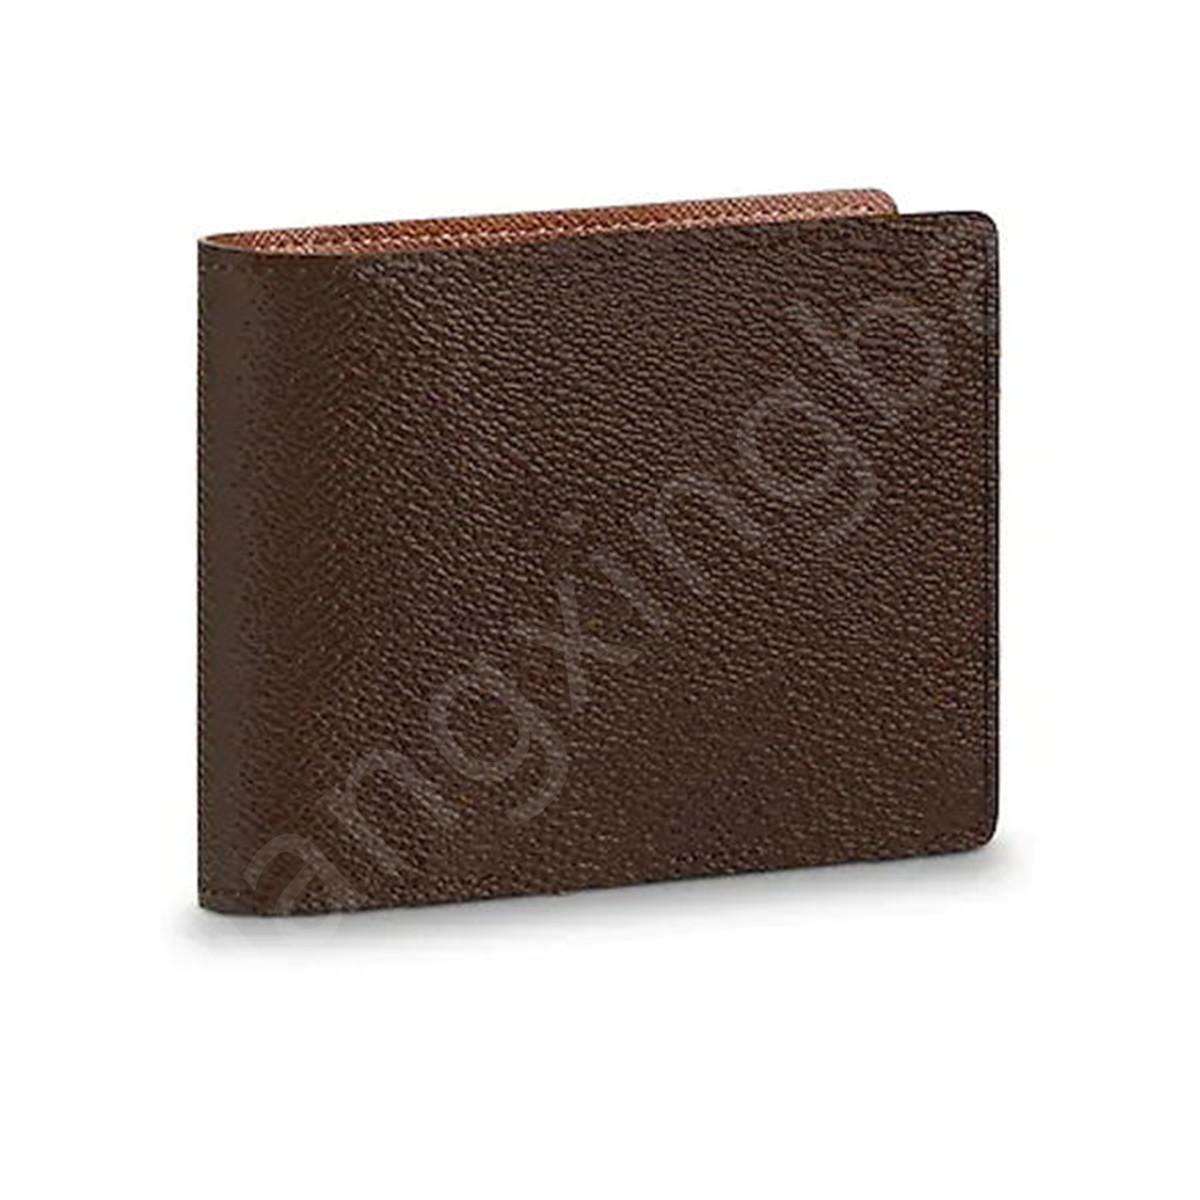 M60895 designer de luxo masculino curto compacto compacto wallet mono grameiros de longa marca marca bifold wallets de boa qualidade